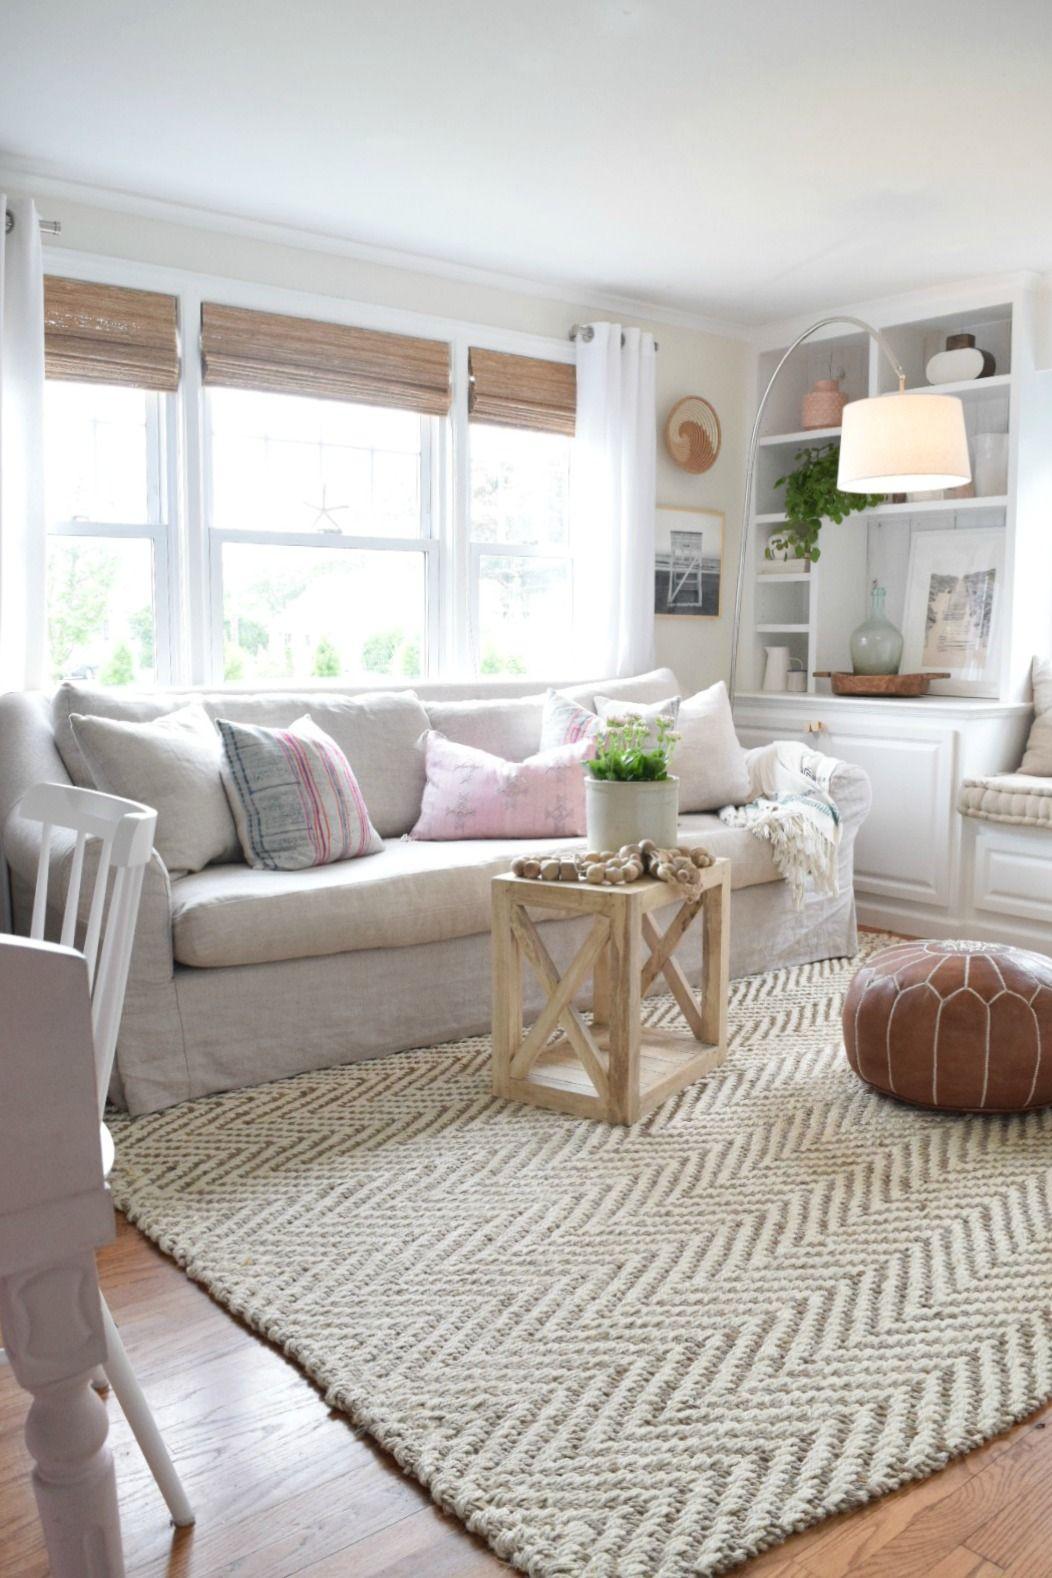 Jute Rug Review In Our Living Room Rugs In Living Room Jute Rug